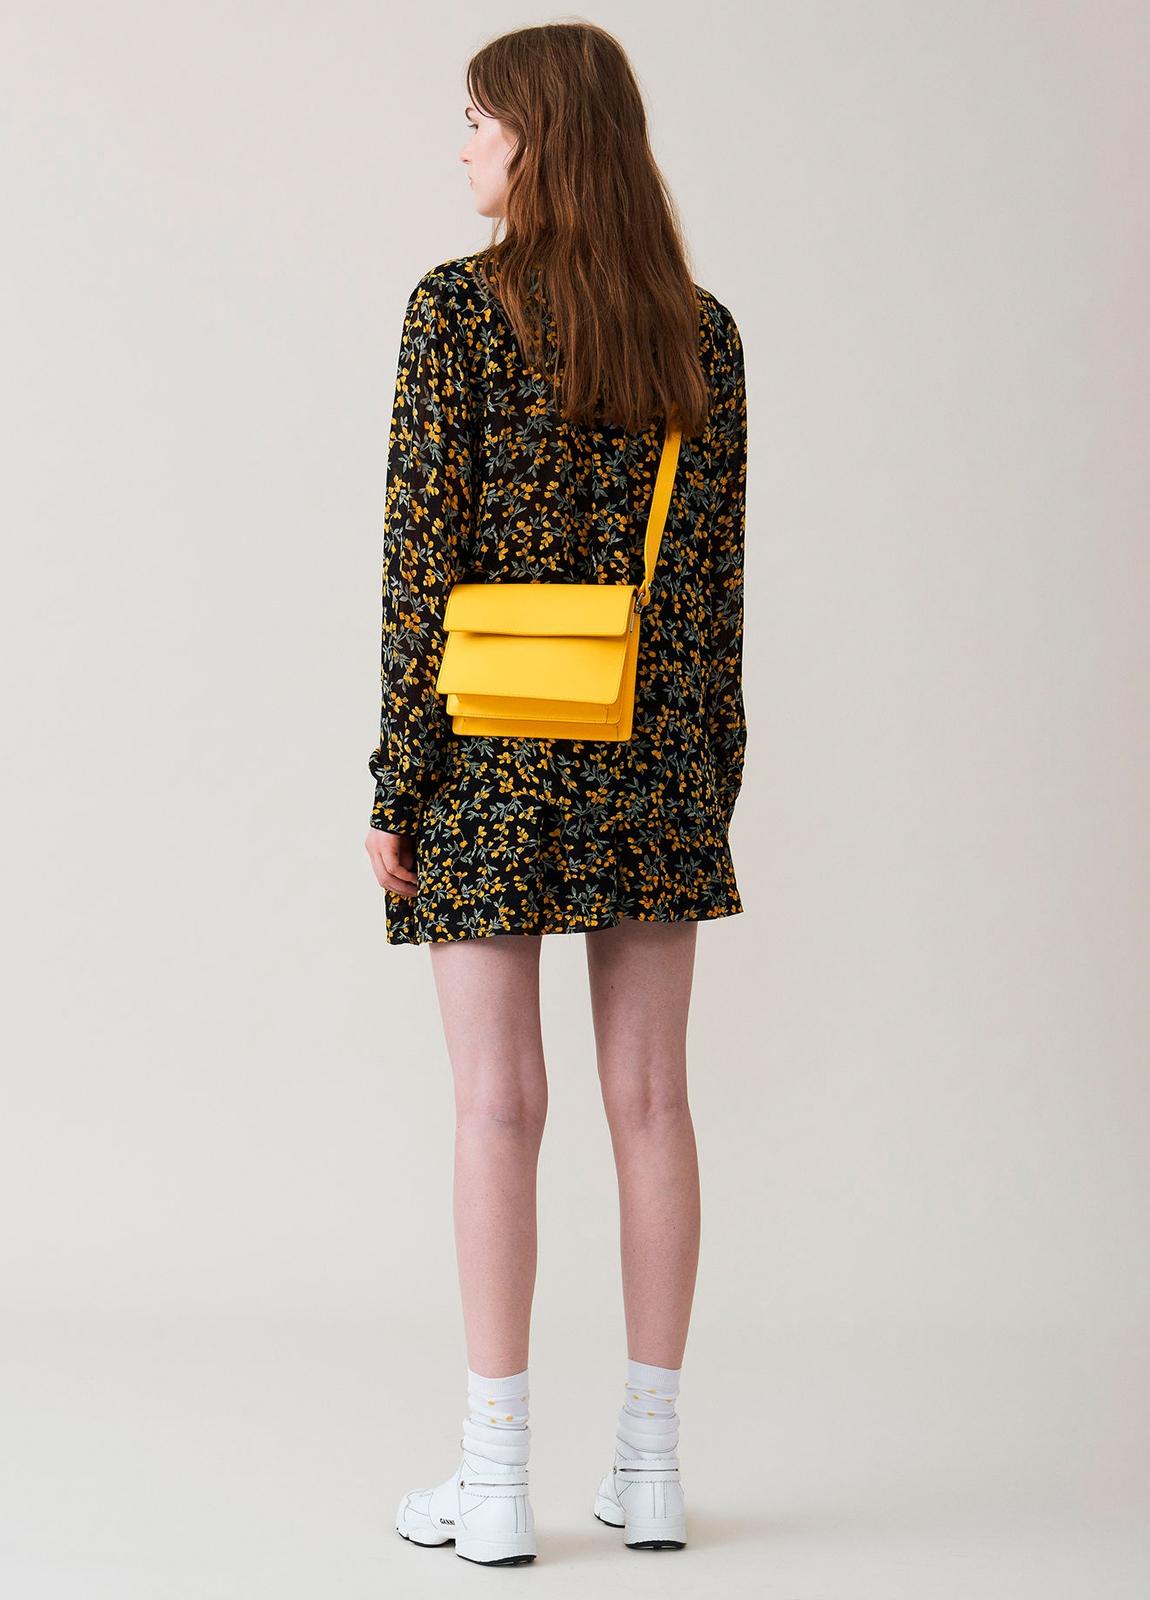 Falda corta plisada con cintura elástica color negro con estampado floral. 100% Viscosa. - Ítem1